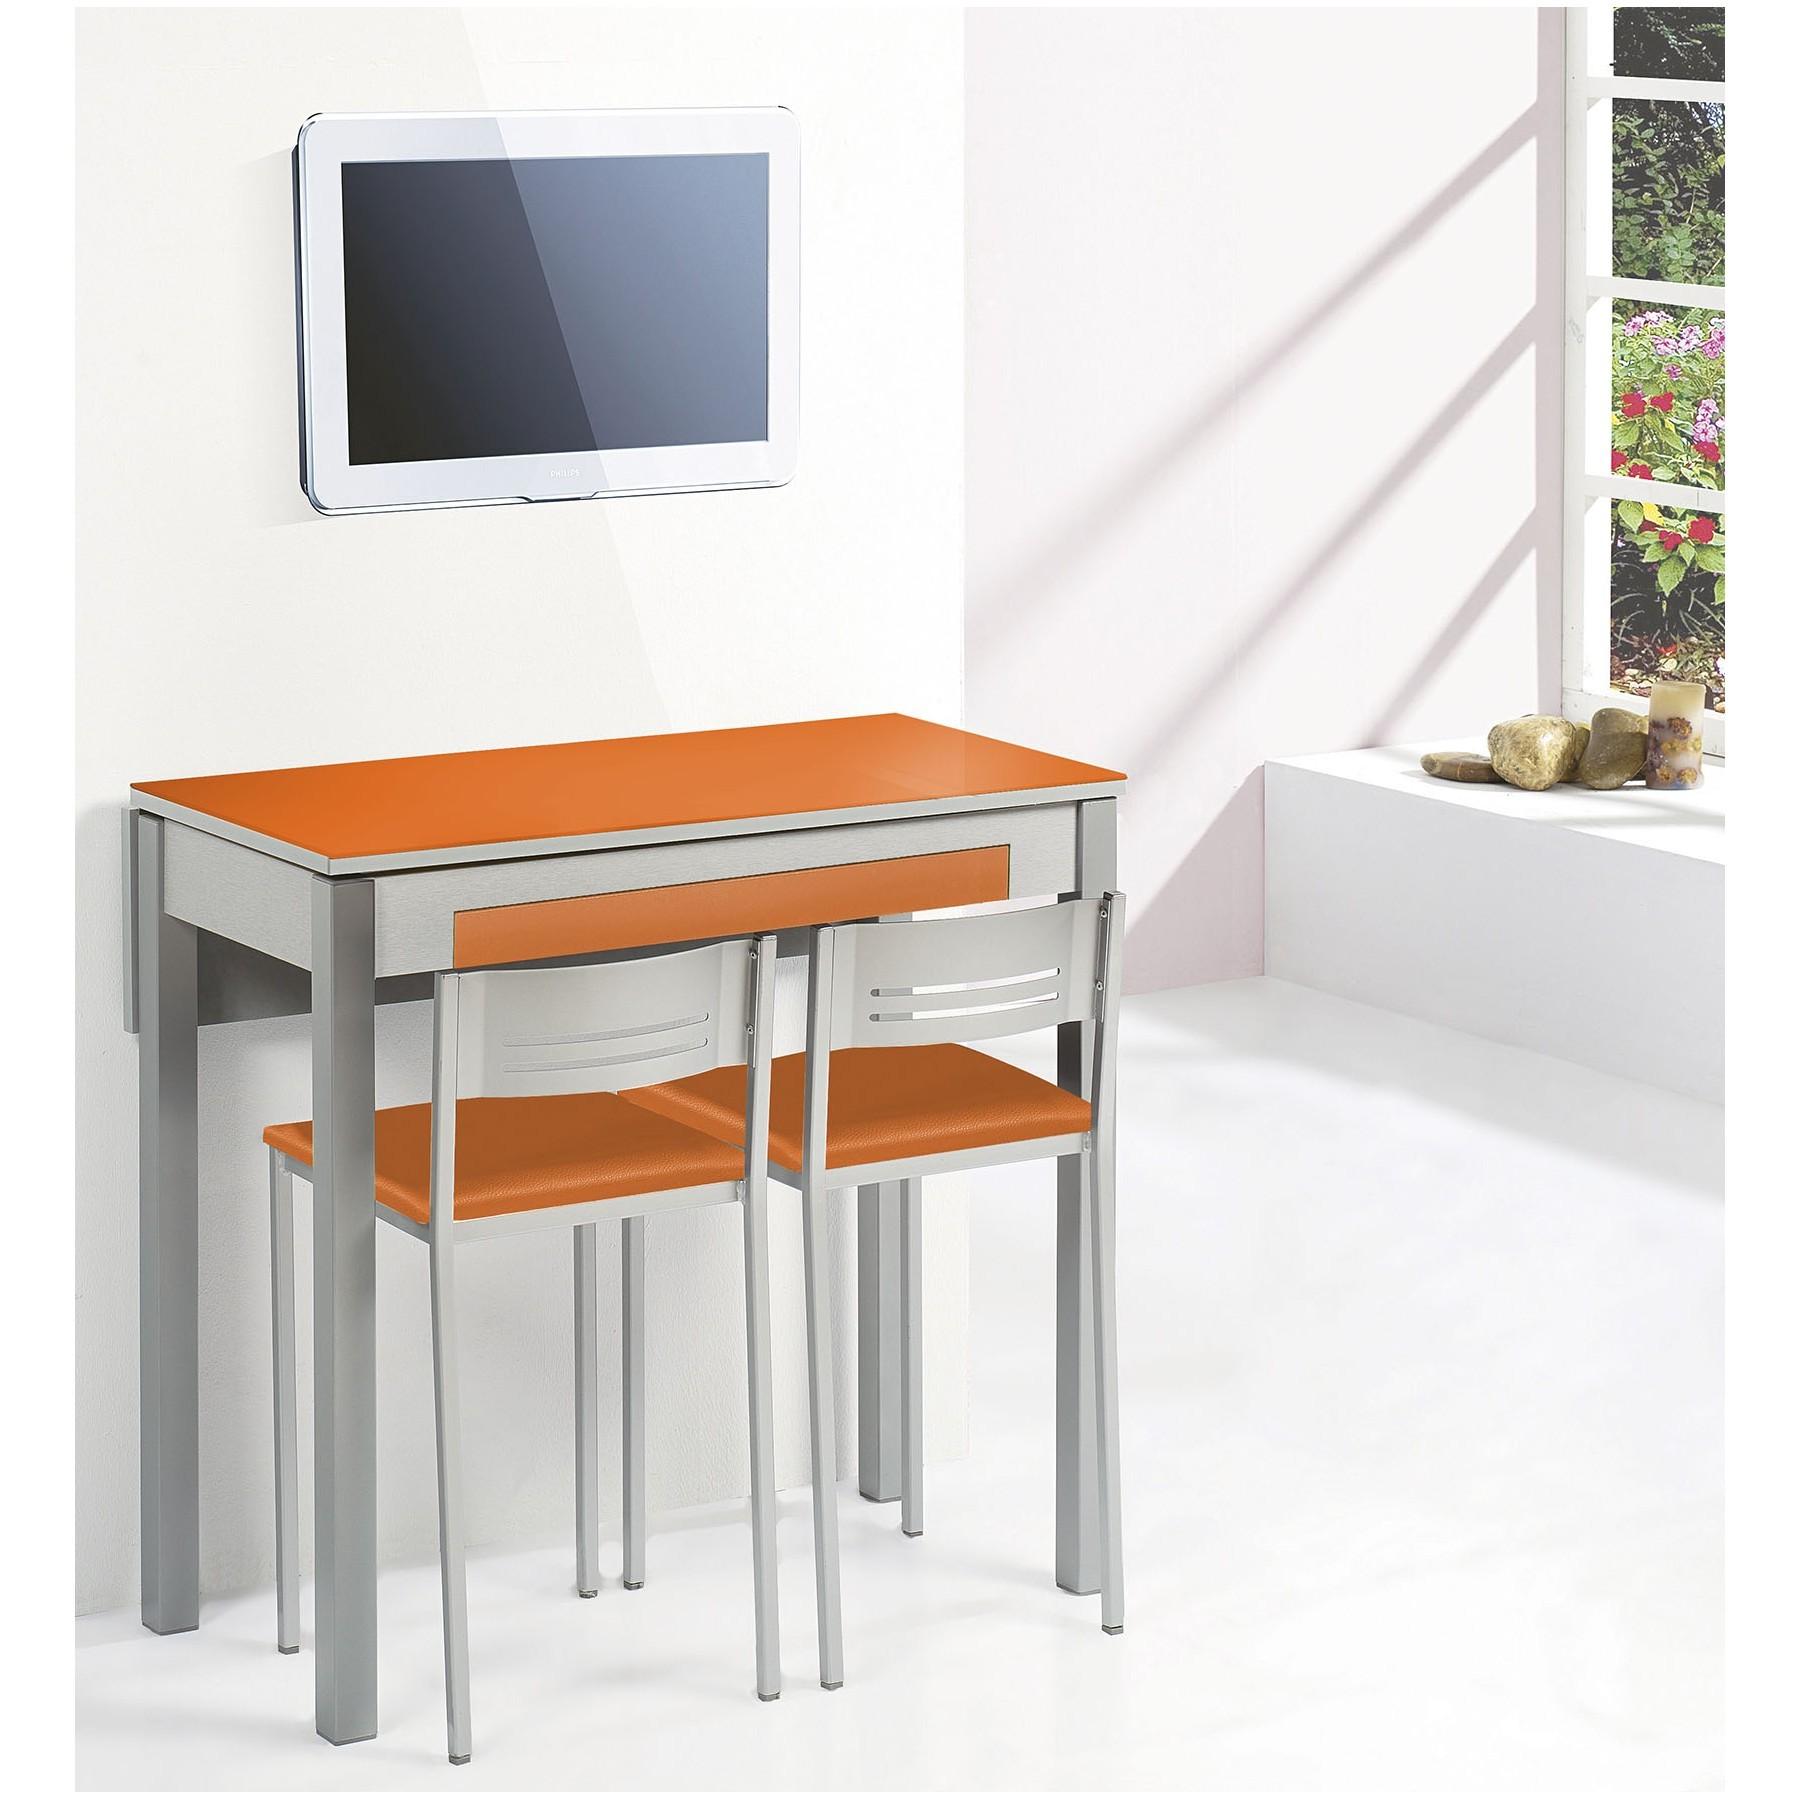 Conjunto Mesa y sillas de Cocina con ala extensible trasera